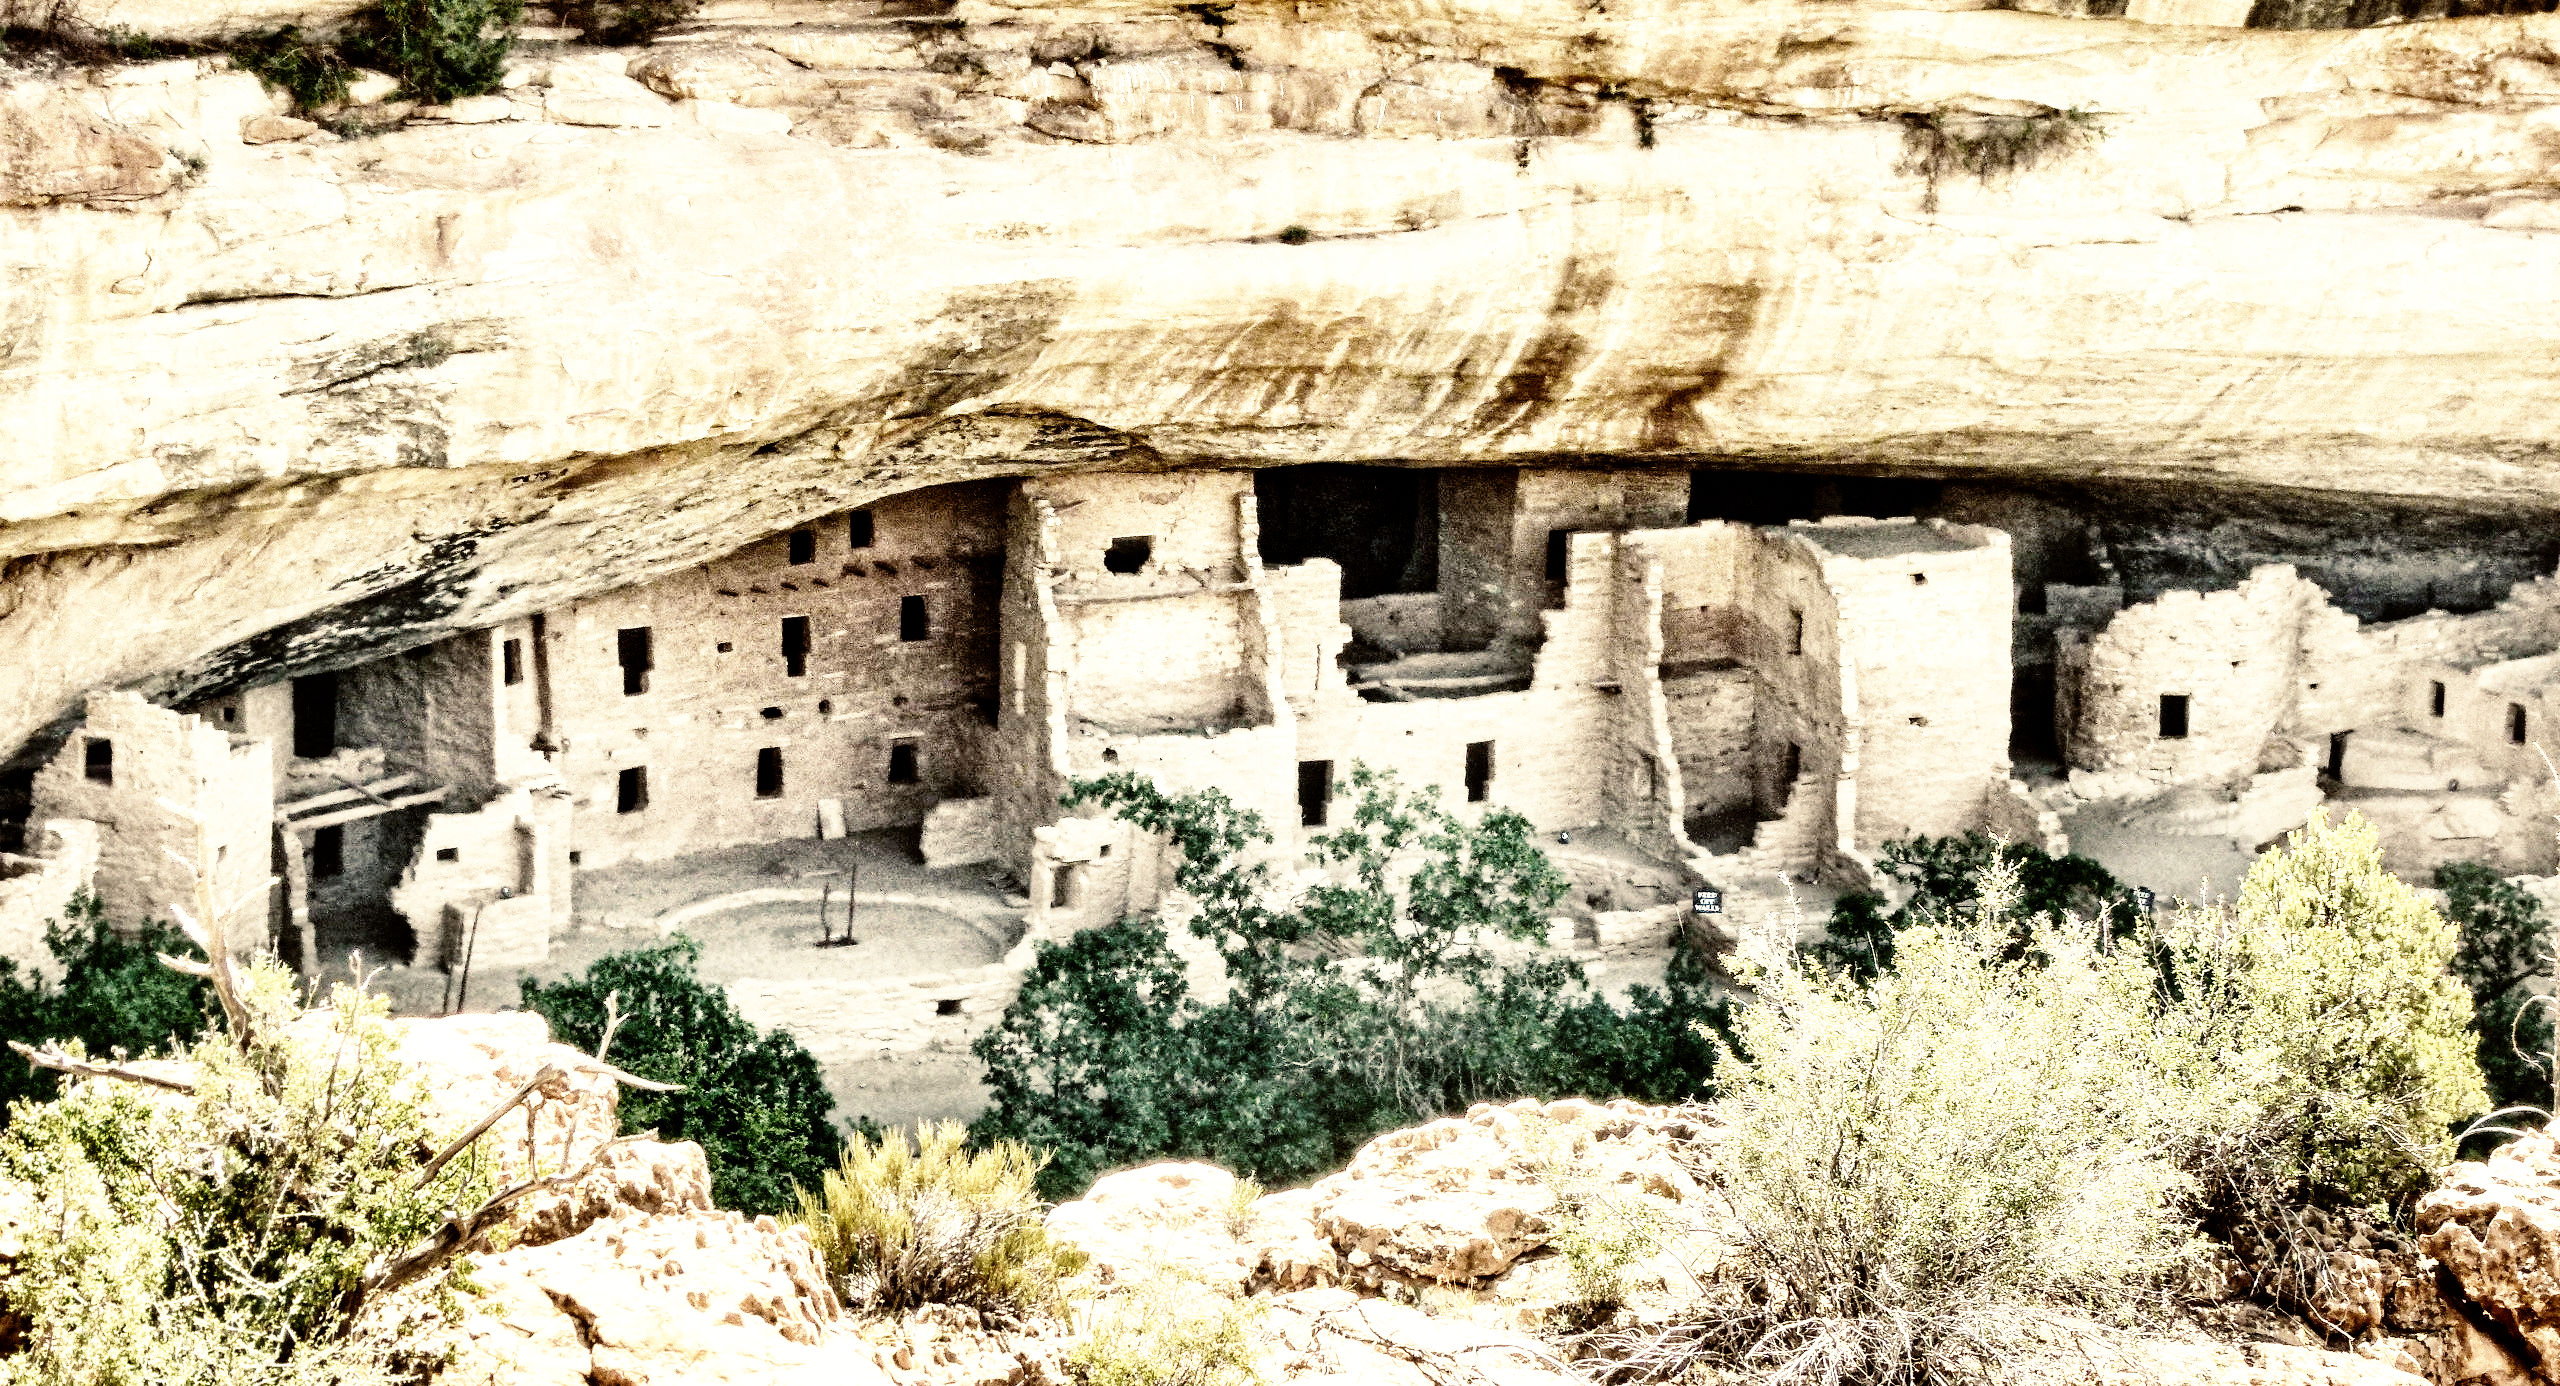 Anasazi Kultur: Die berühmten Cliff Dwellings in Mesa Verde